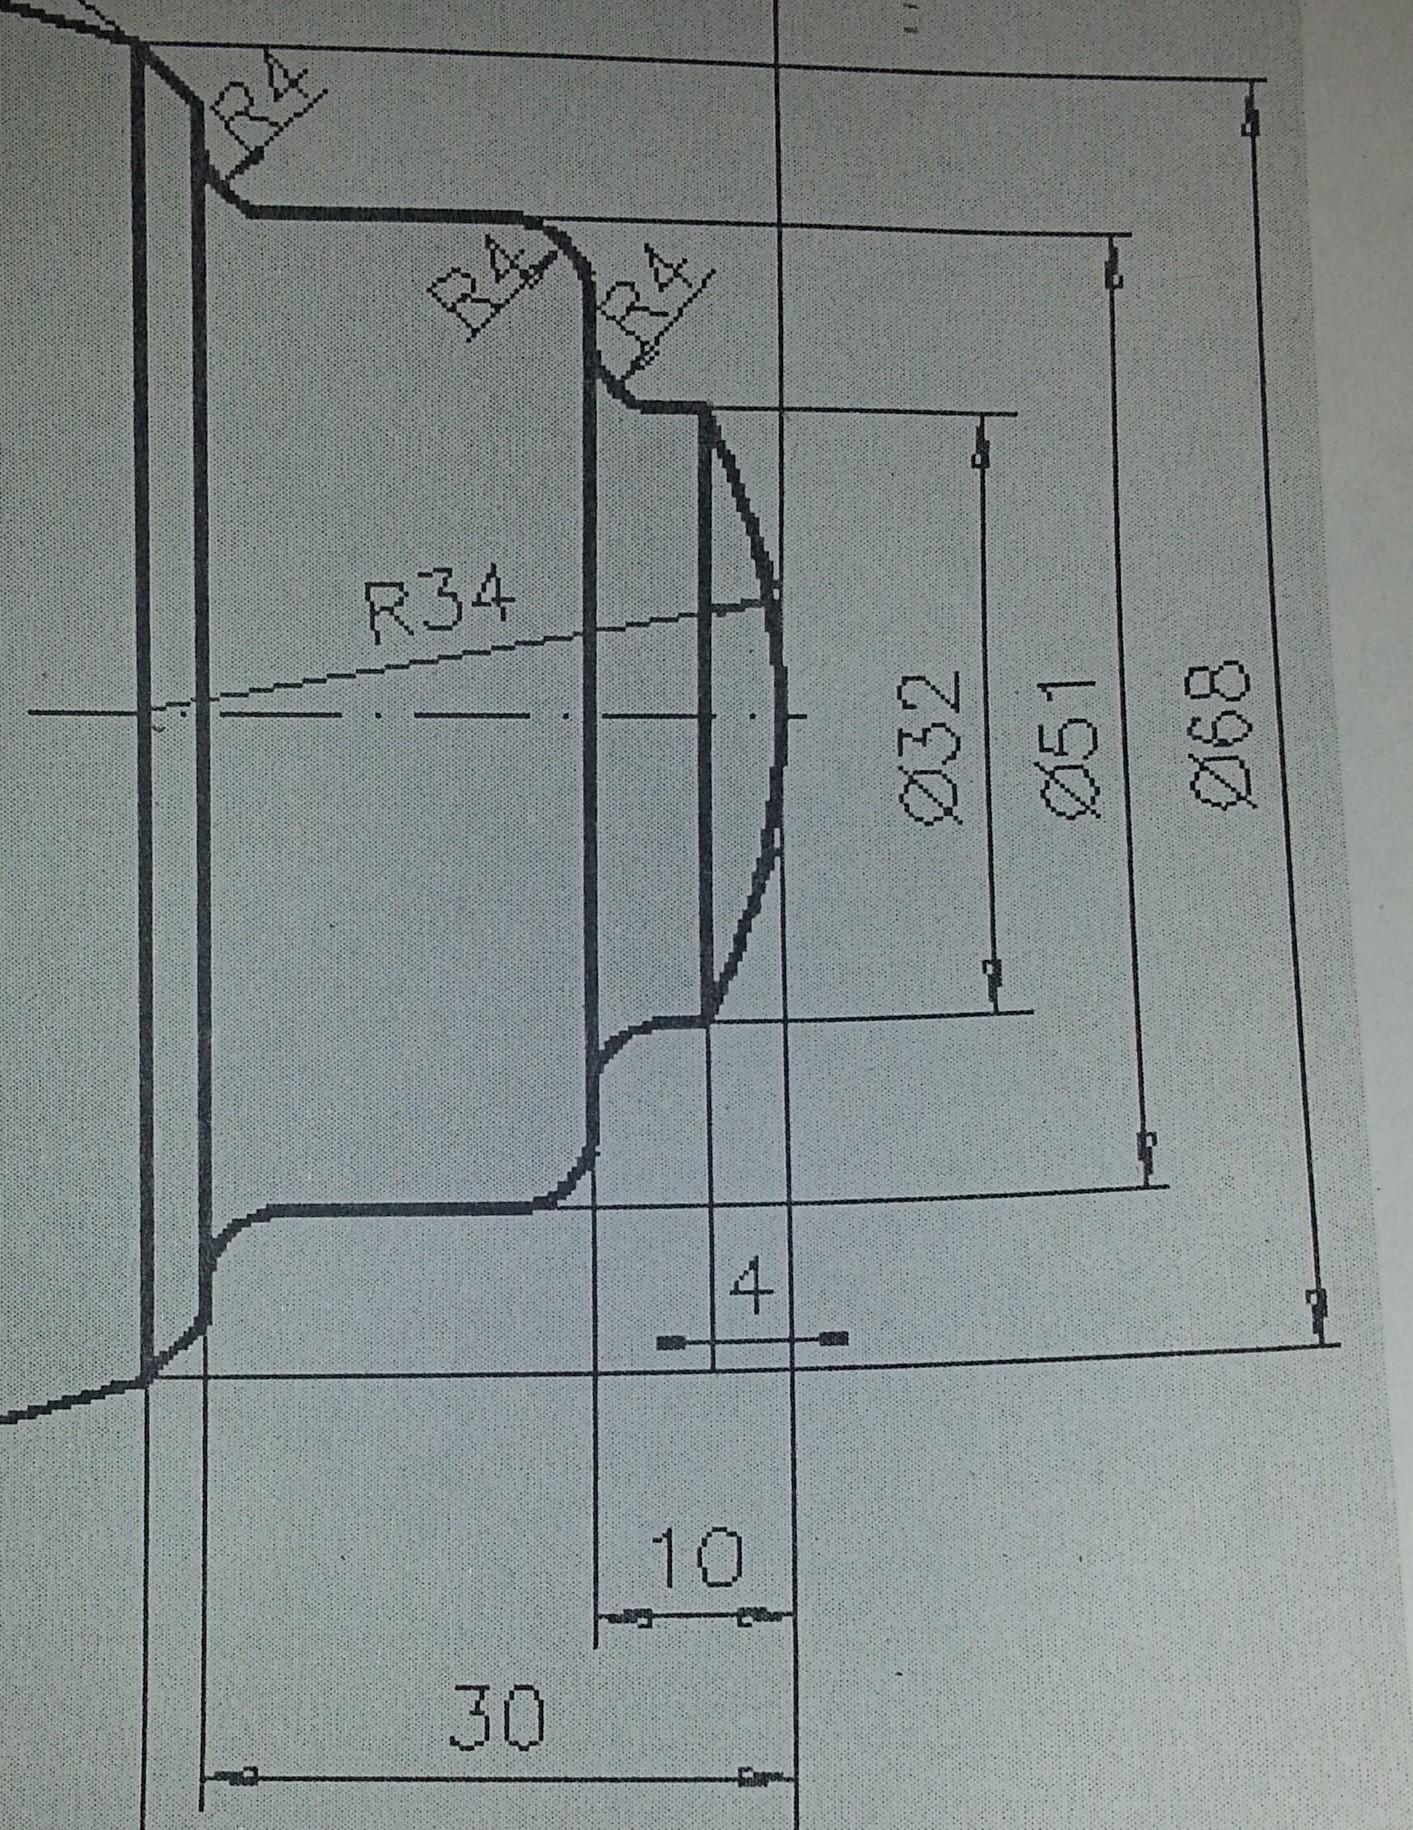 brauche hilfe um das werkst ck zu programmieren cnc. Black Bedroom Furniture Sets. Home Design Ideas